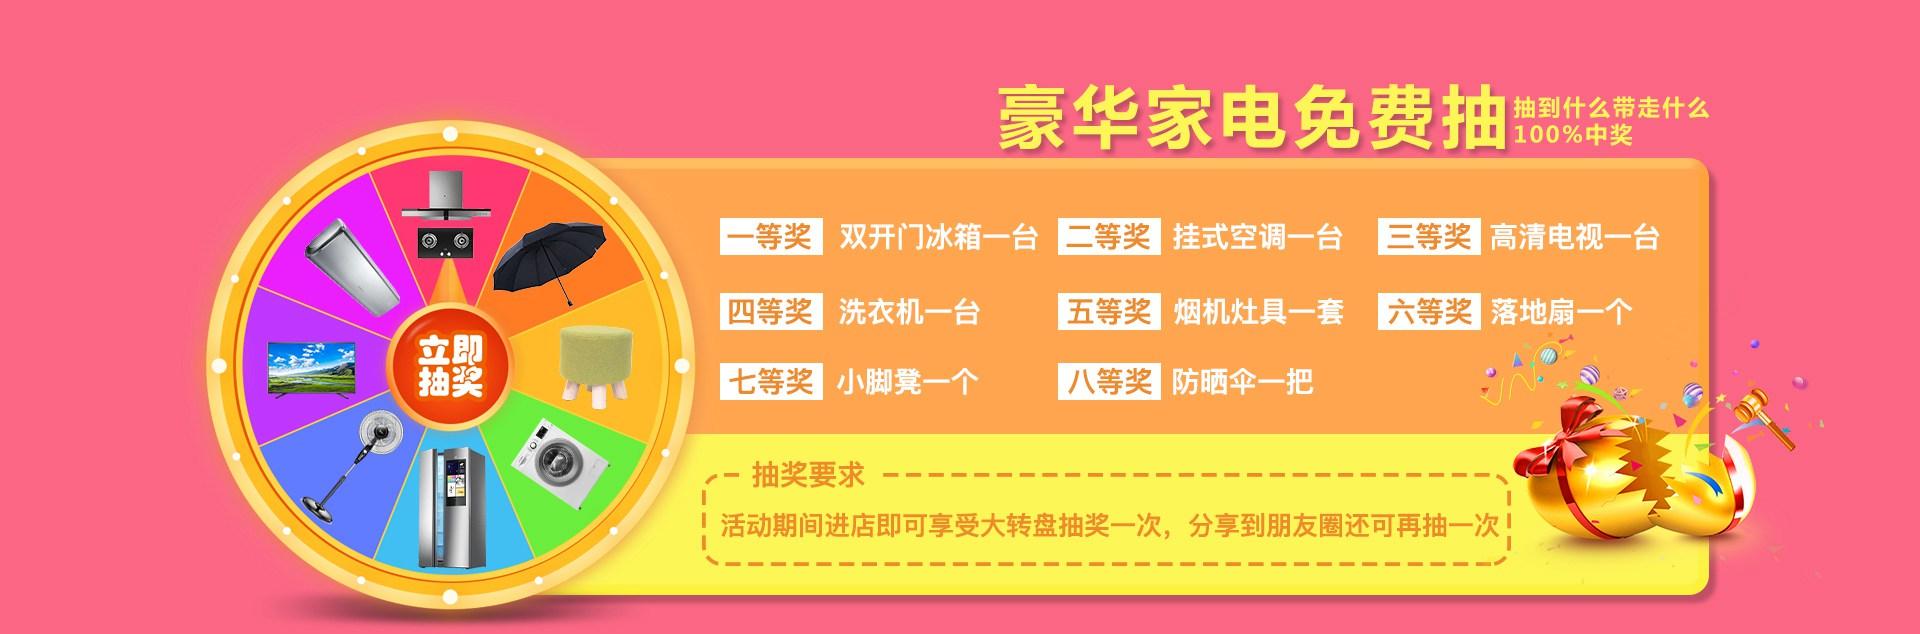 """浪漫七夕,定裝修筑愛巢,為愛保""""家""""護航!"""